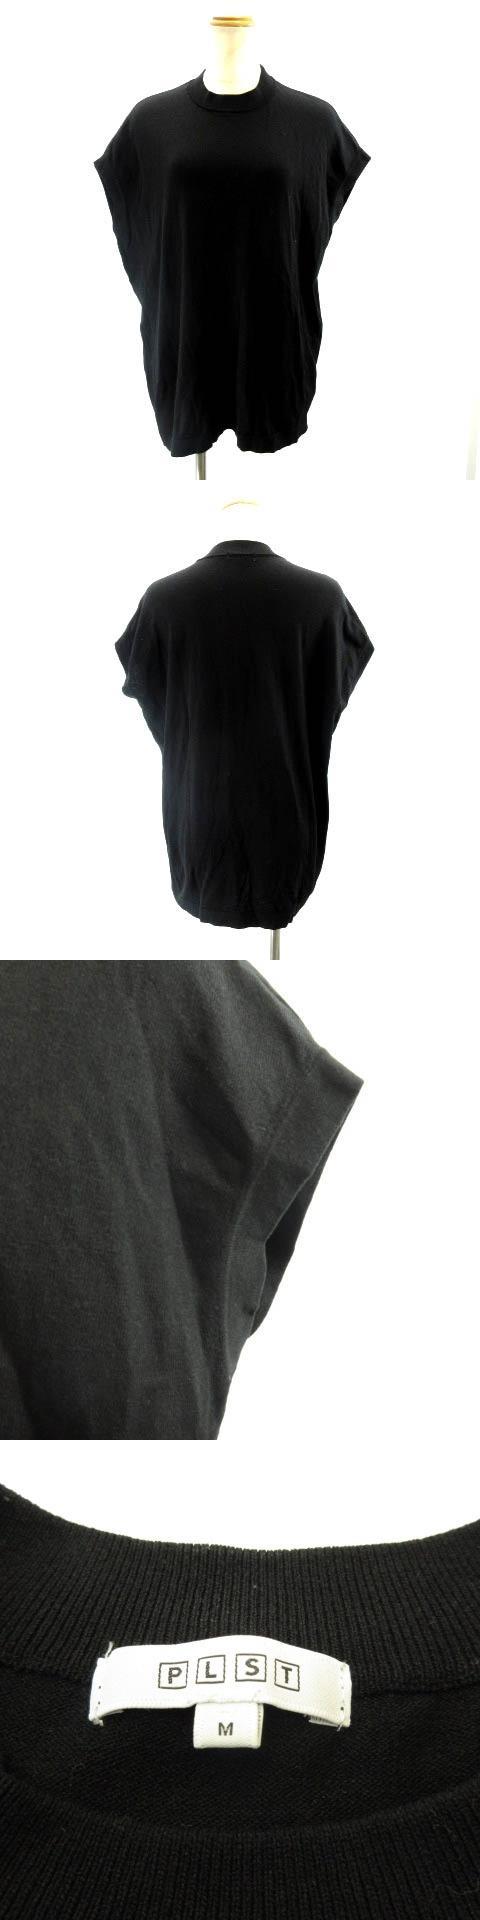 19AW サマーニット カットソー 半袖 黒 ブラック M IBS91